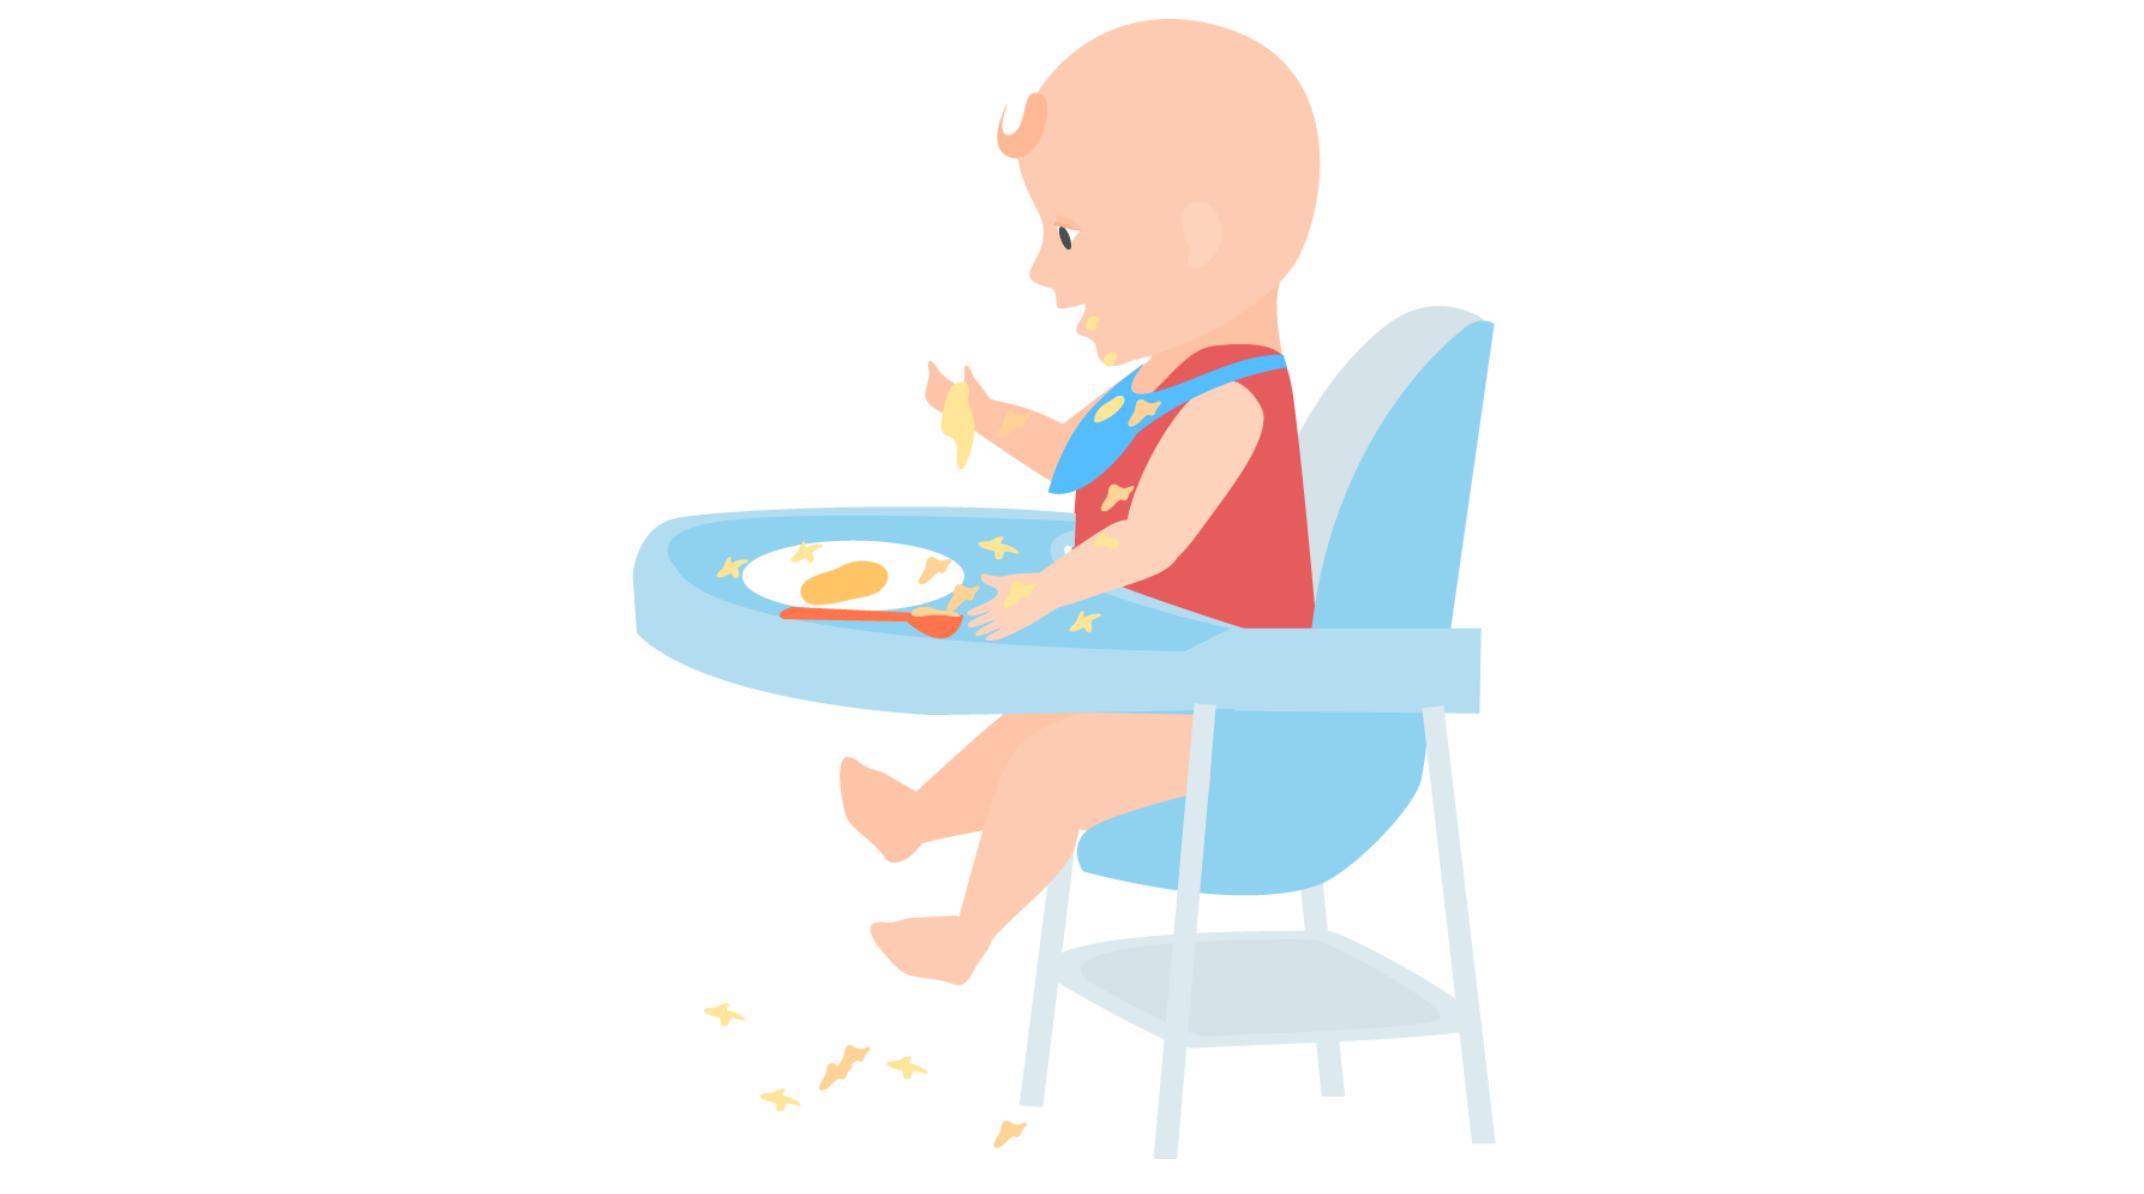 १० महीने के बच्चे के लिए भारतीय व्यंजनों के साथ डाइट चार्ट